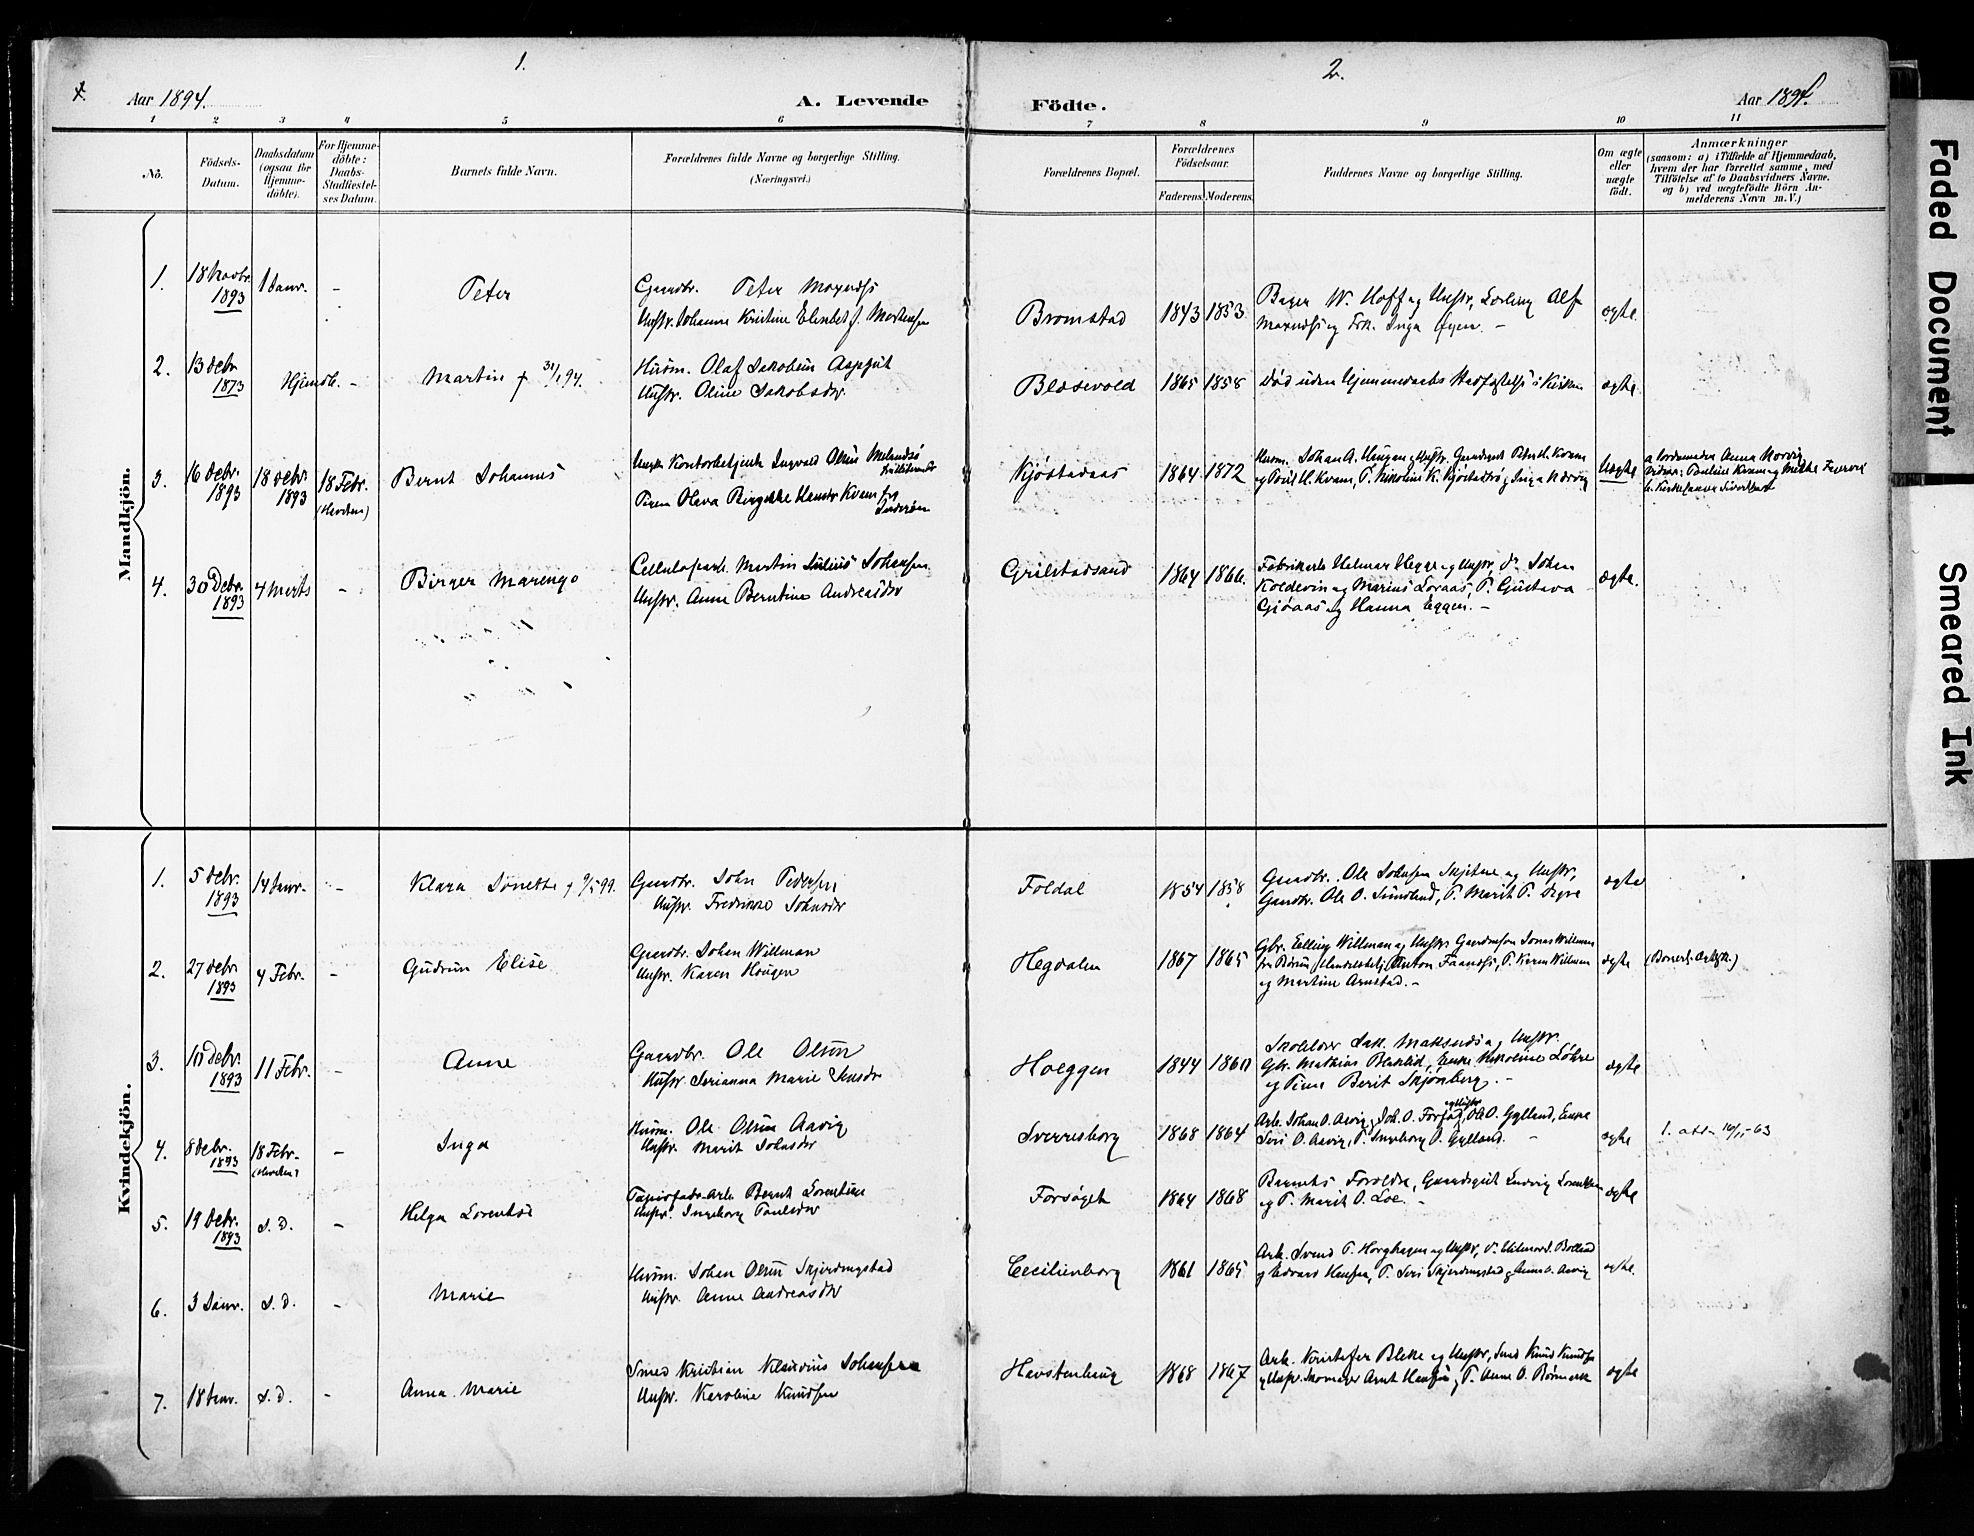 SAT, Ministerialprotokoller, klokkerbøker og fødselsregistre - Sør-Trøndelag, 606/L0301: Ministerialbok nr. 606A16, 1894-1907, s. 1-2